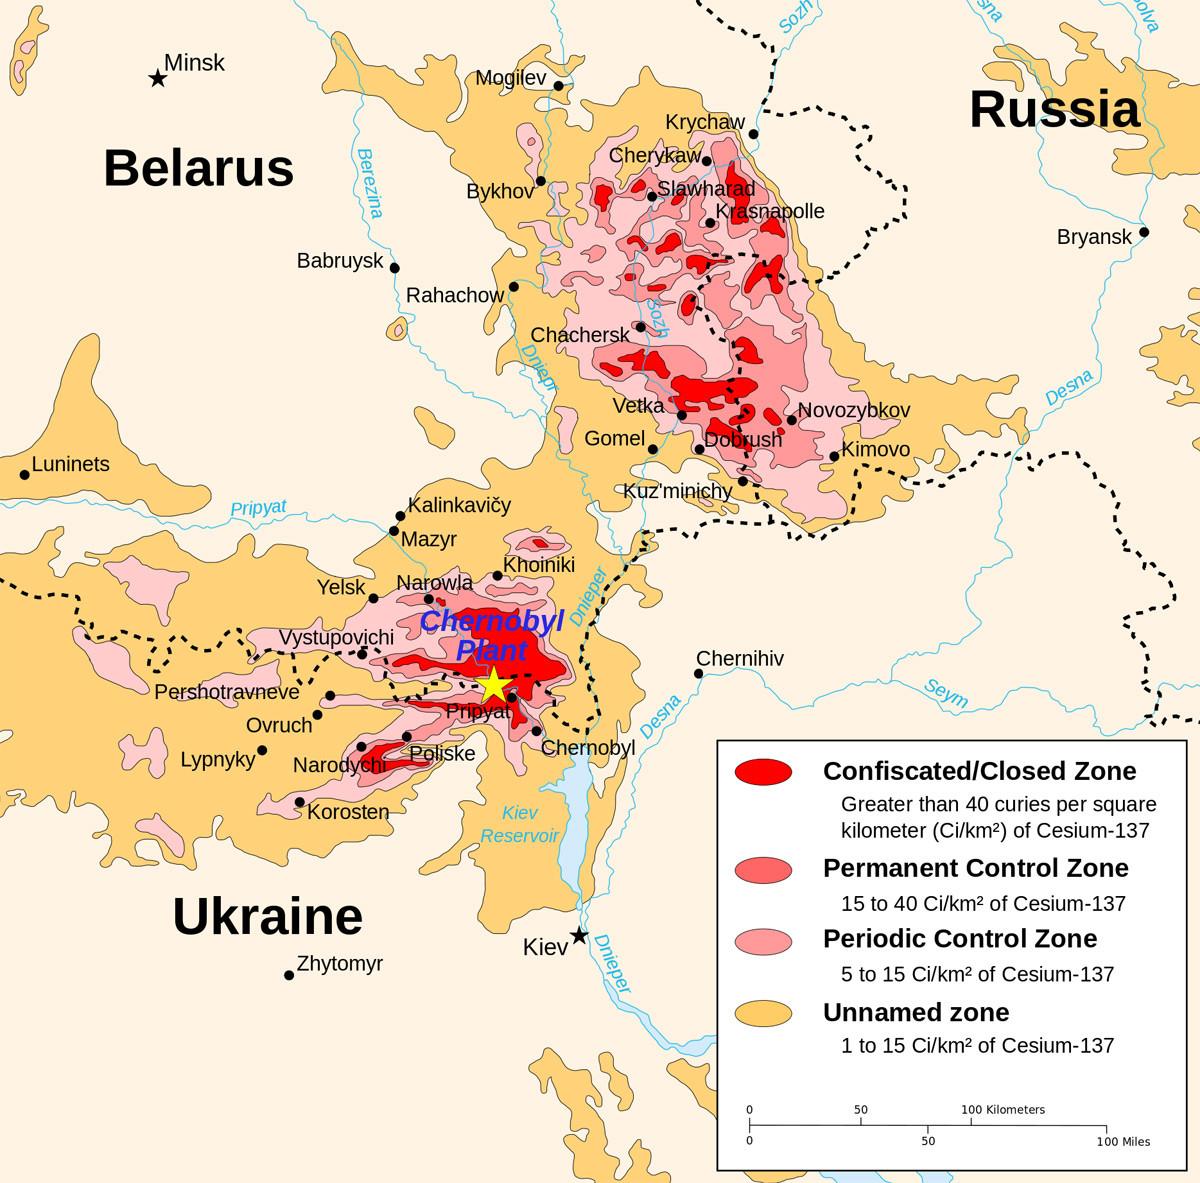 Peta yang menunjukkan wilayah yang tercemar.